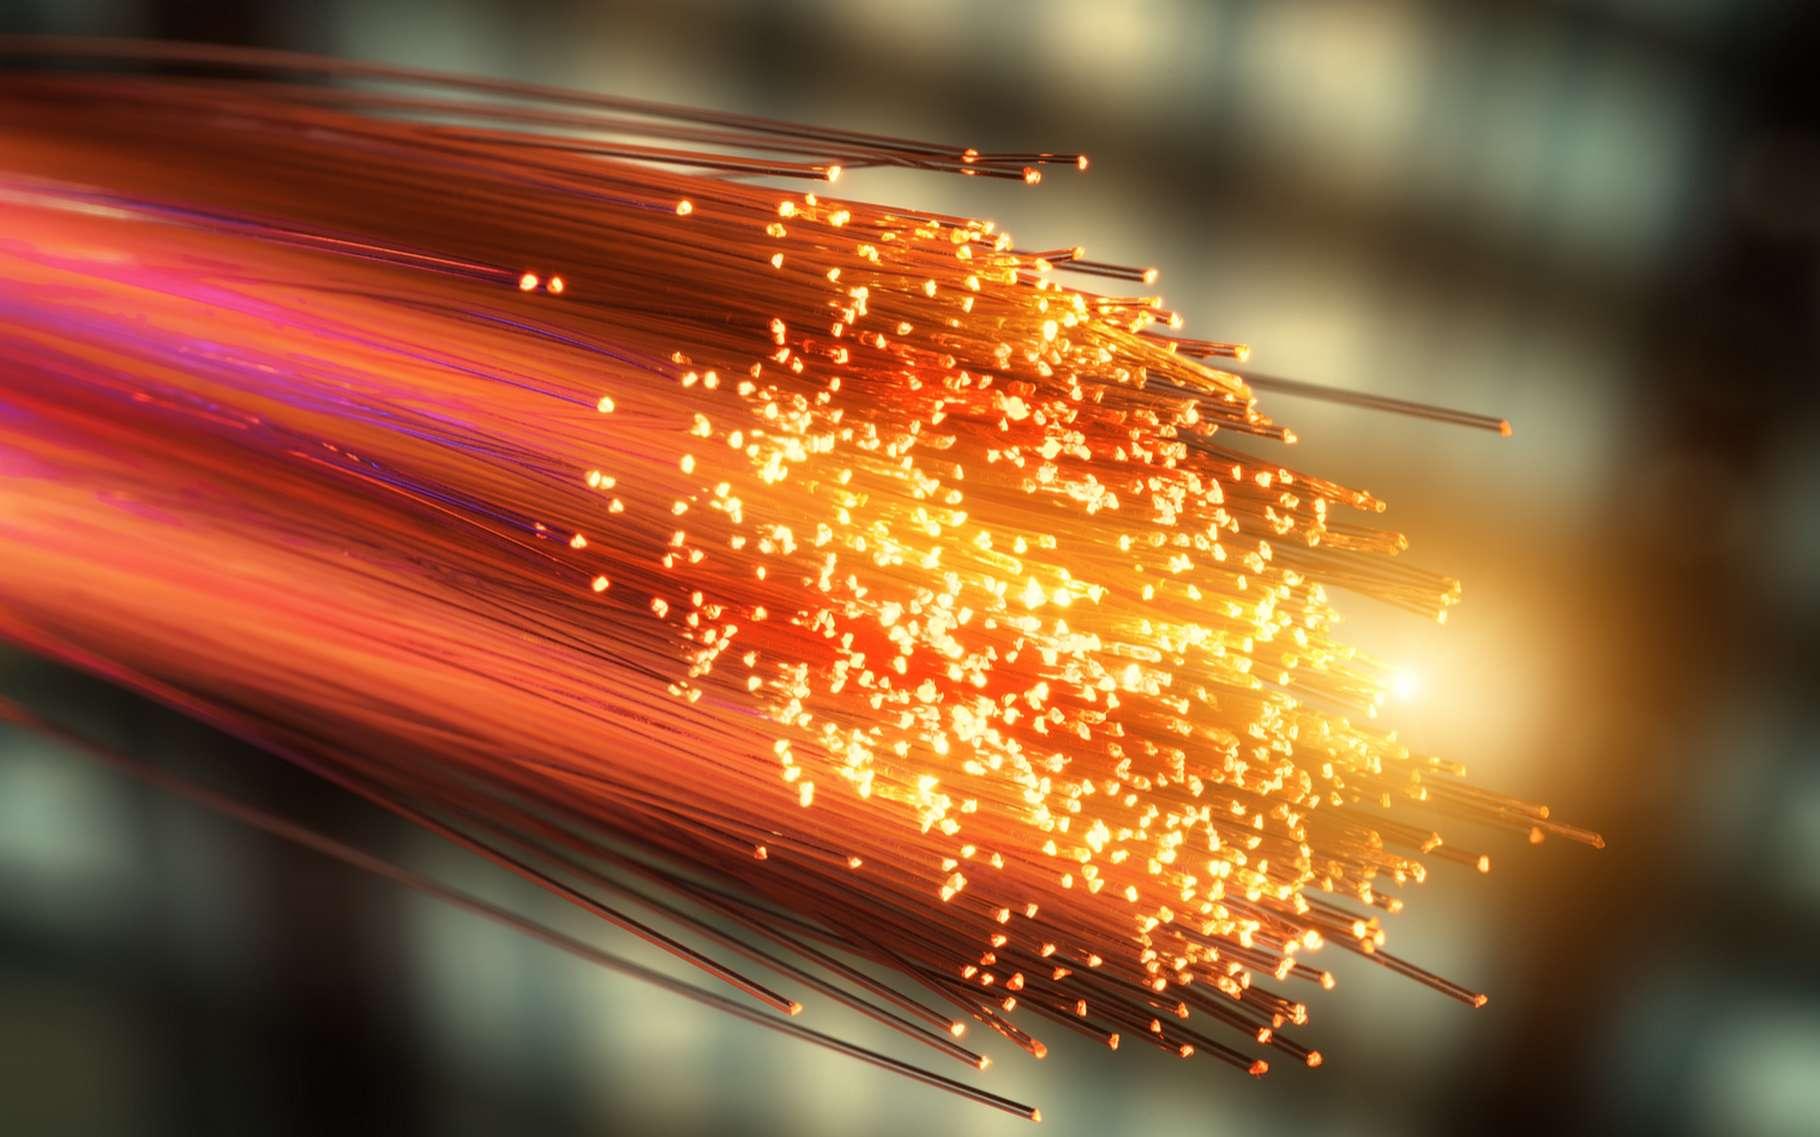 La fibre optique propage des ondes lumineuses entre deux points. © Asharkyu, Shutterstock